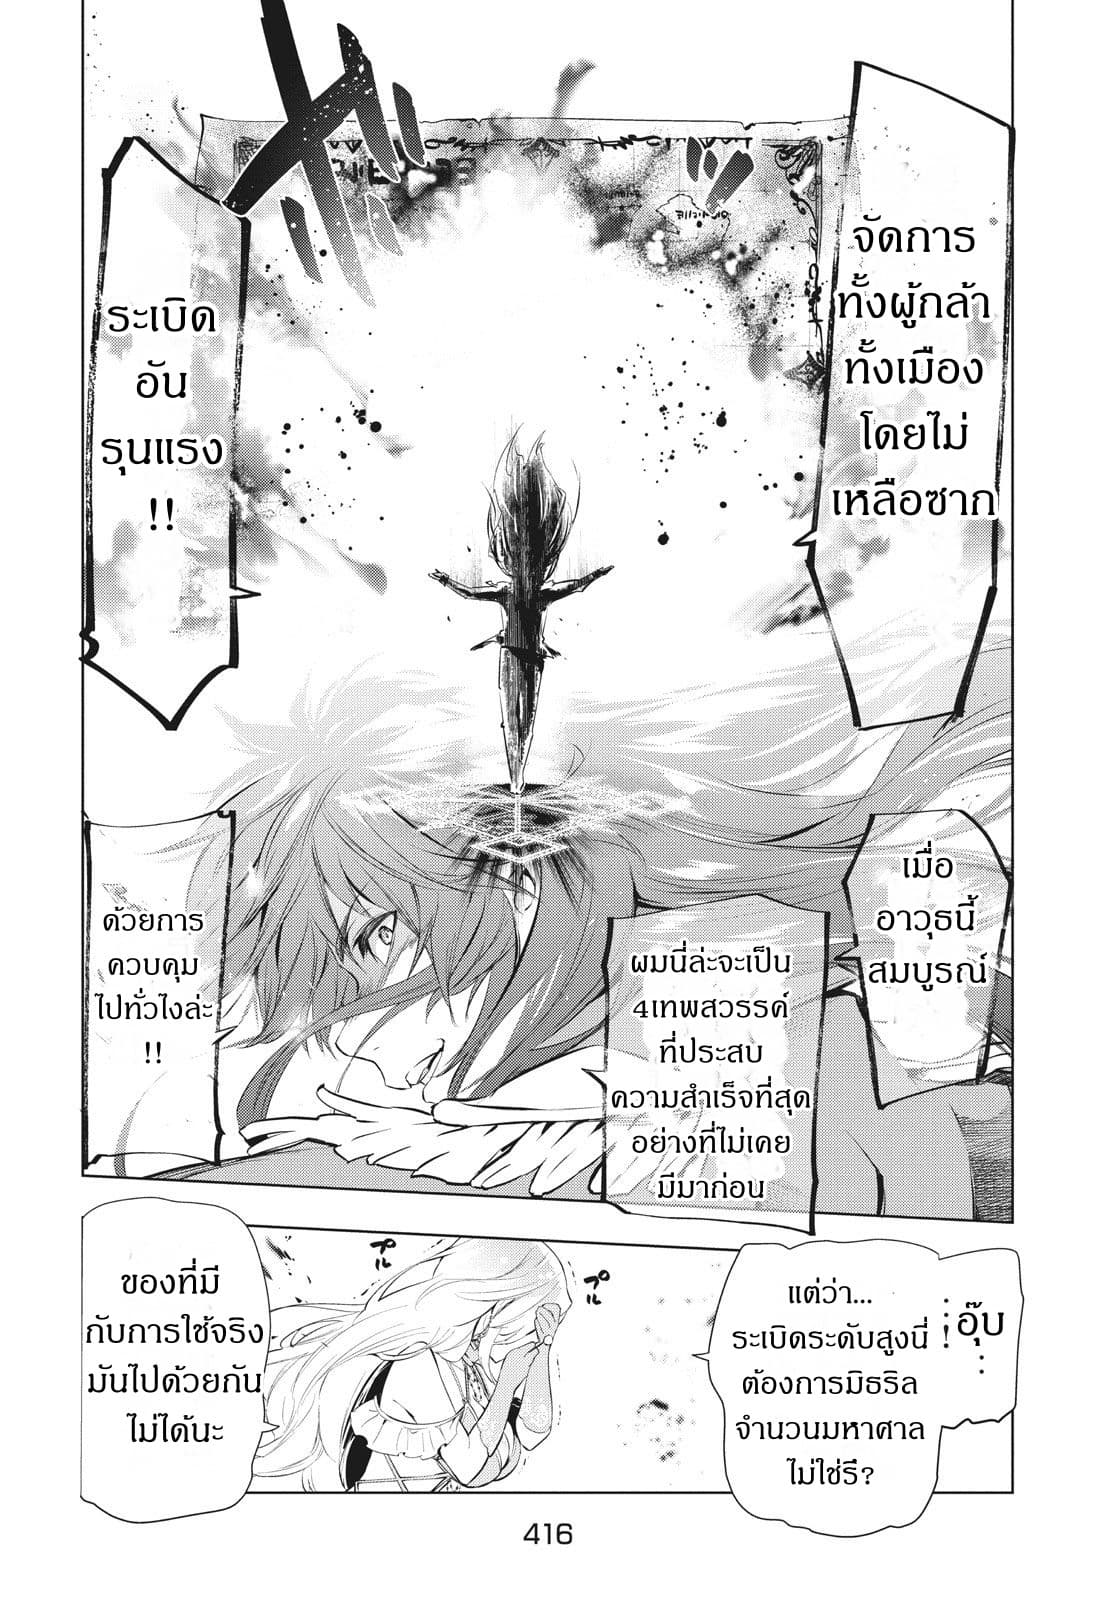 อ่านการ์ตูน Kaiko sareta Ankoku Heishi (30-dai) no Slow na Second ตอนที่ 7.1 หน้าที่ 5